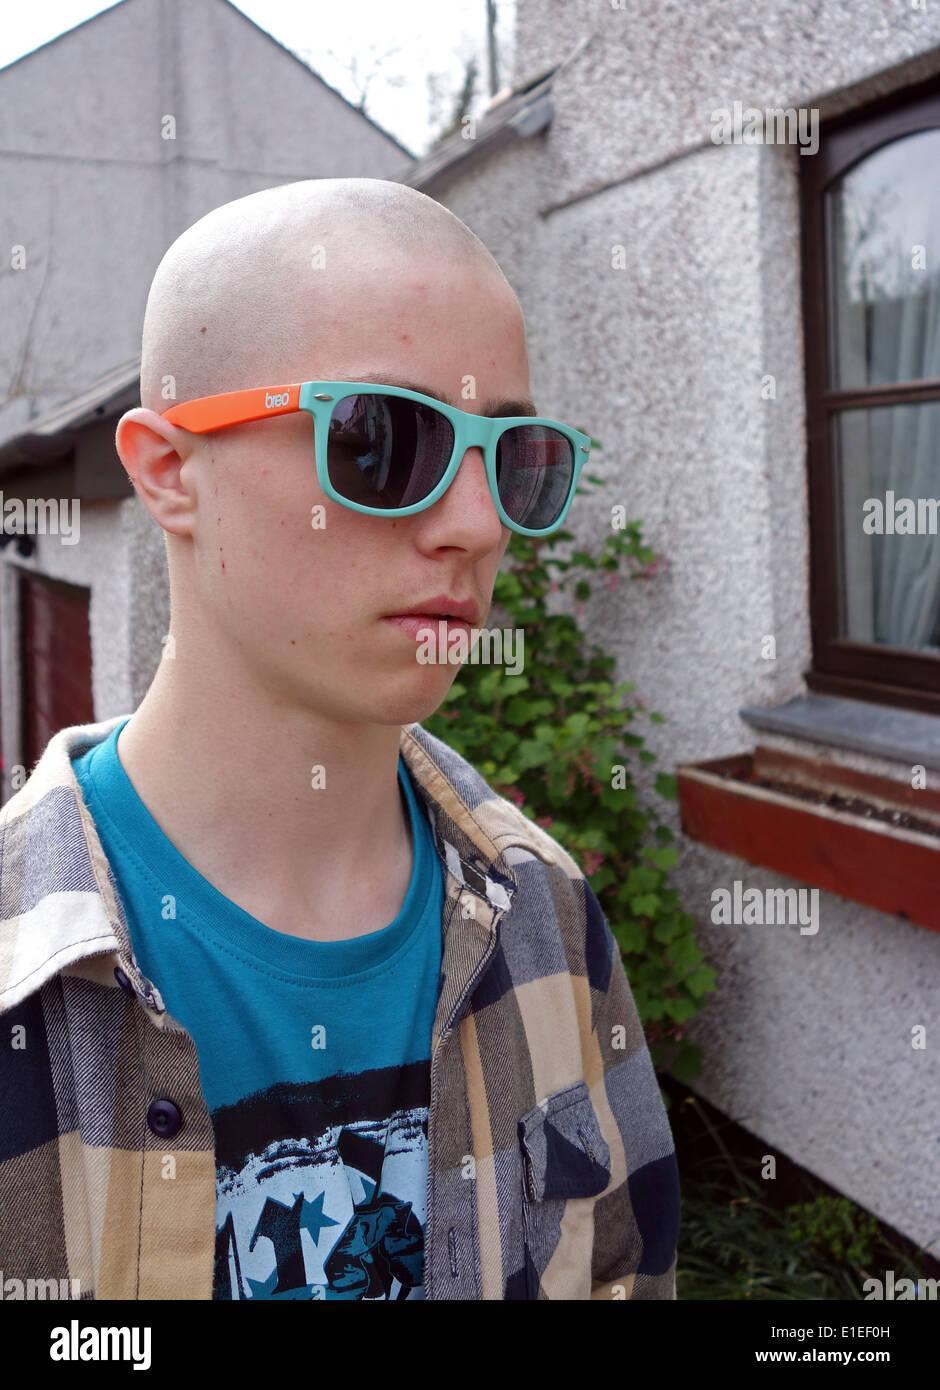 A Teenage Boy With A Skinhead Haircut Stock Photo